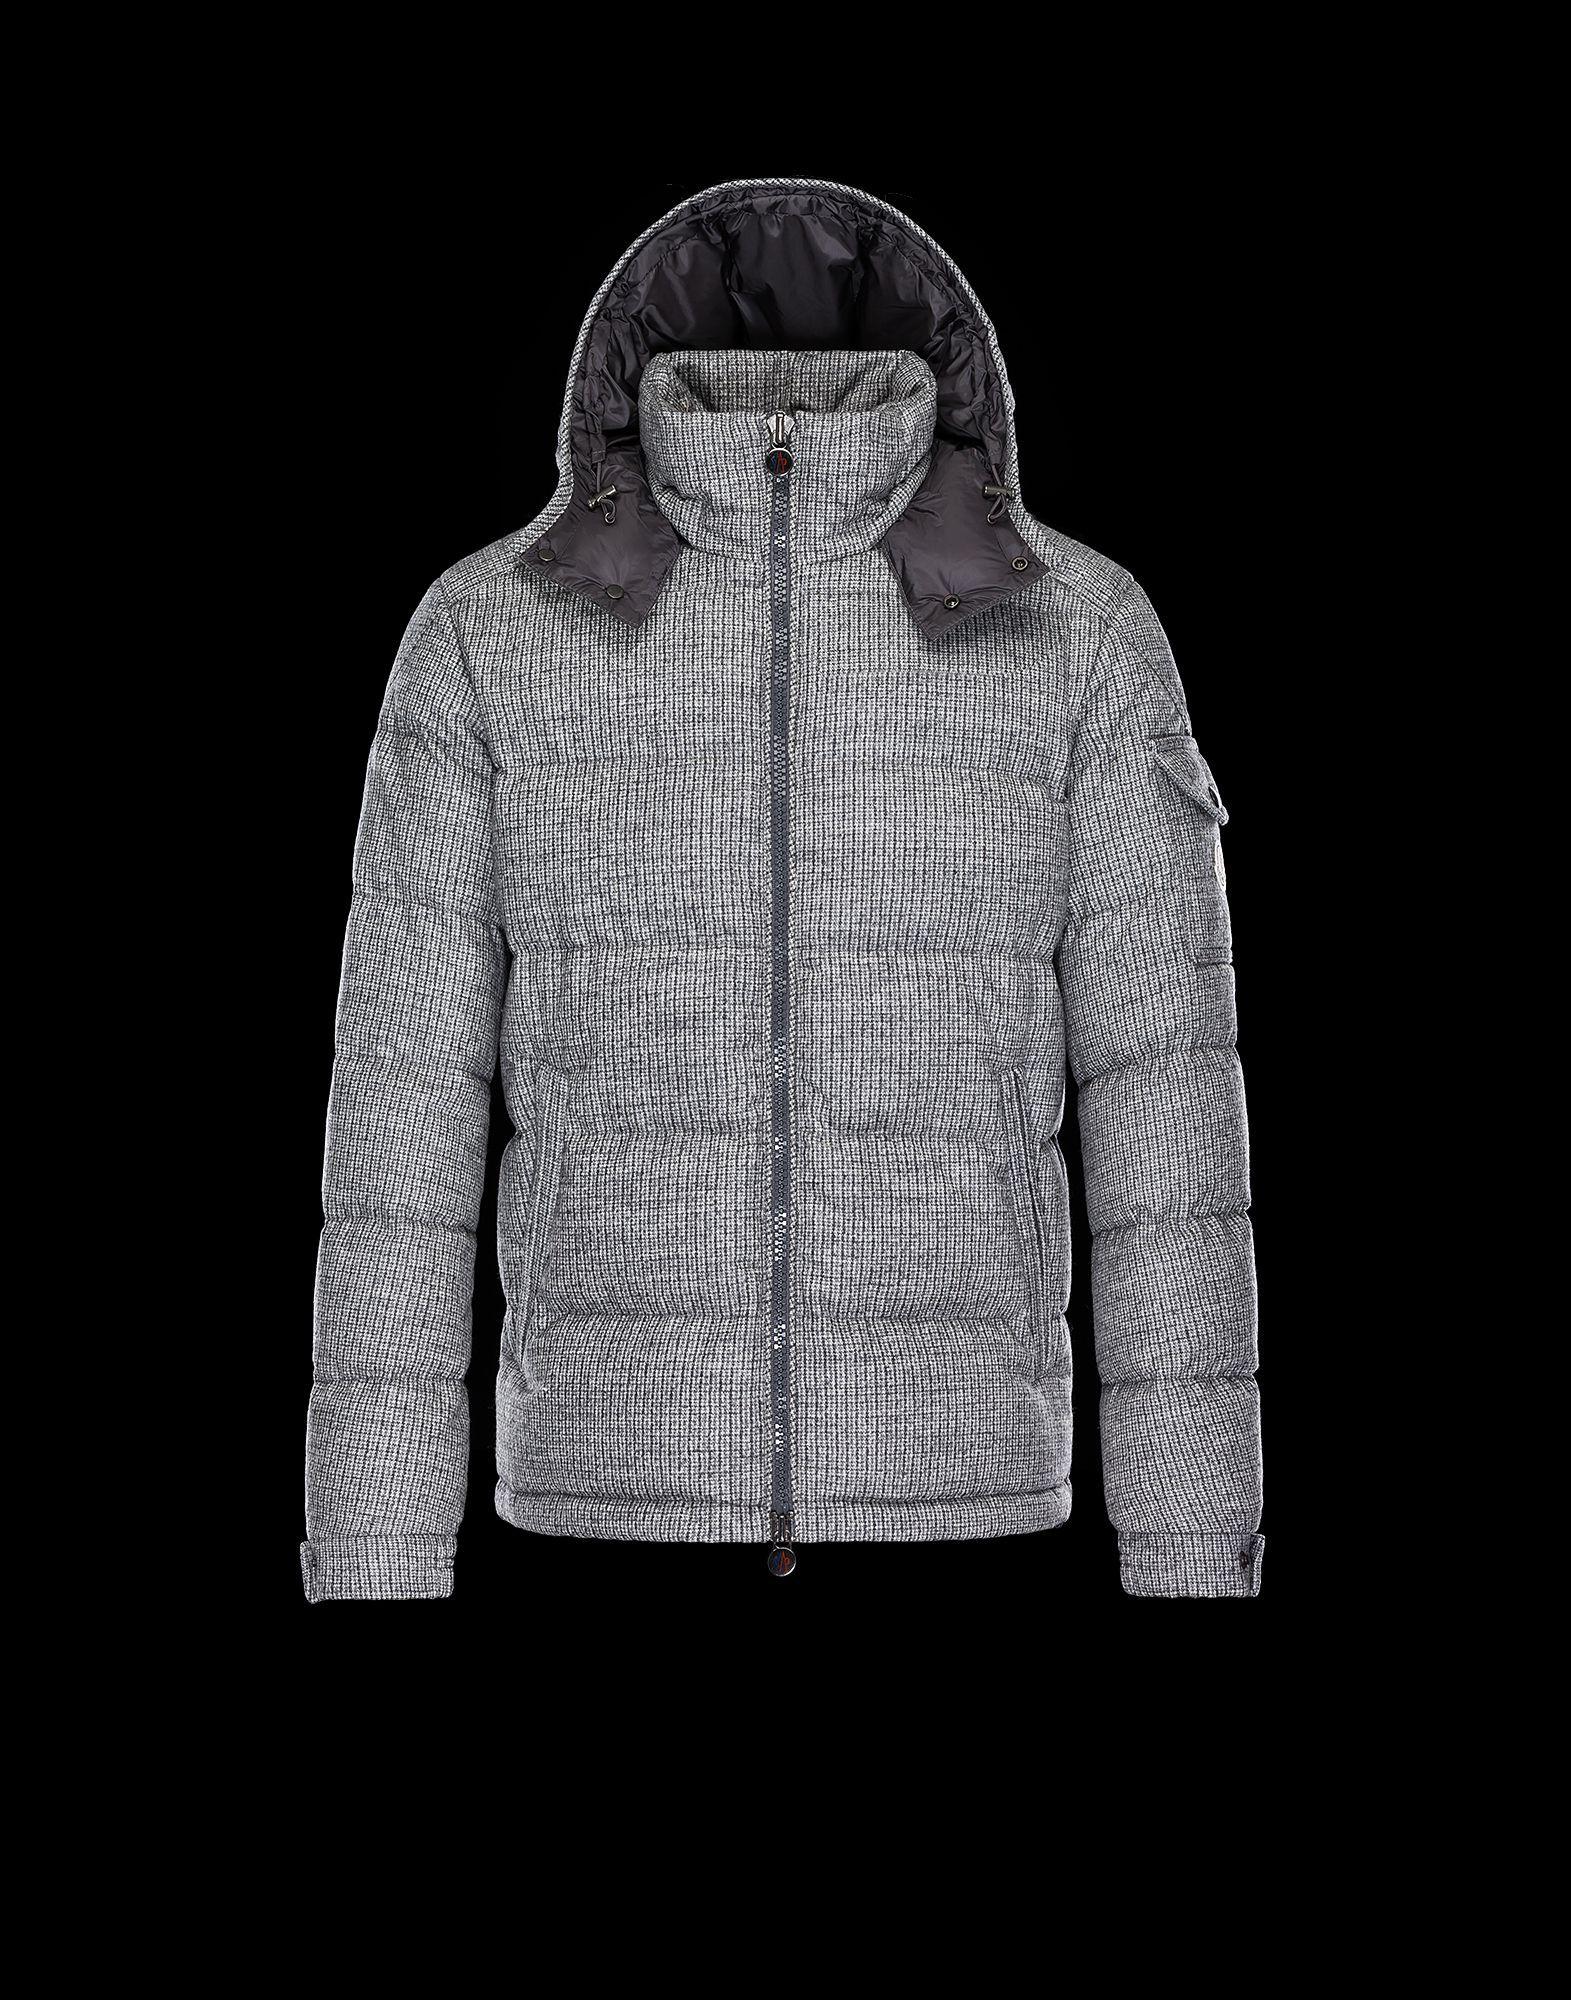 moncler montgenevre mens jacket